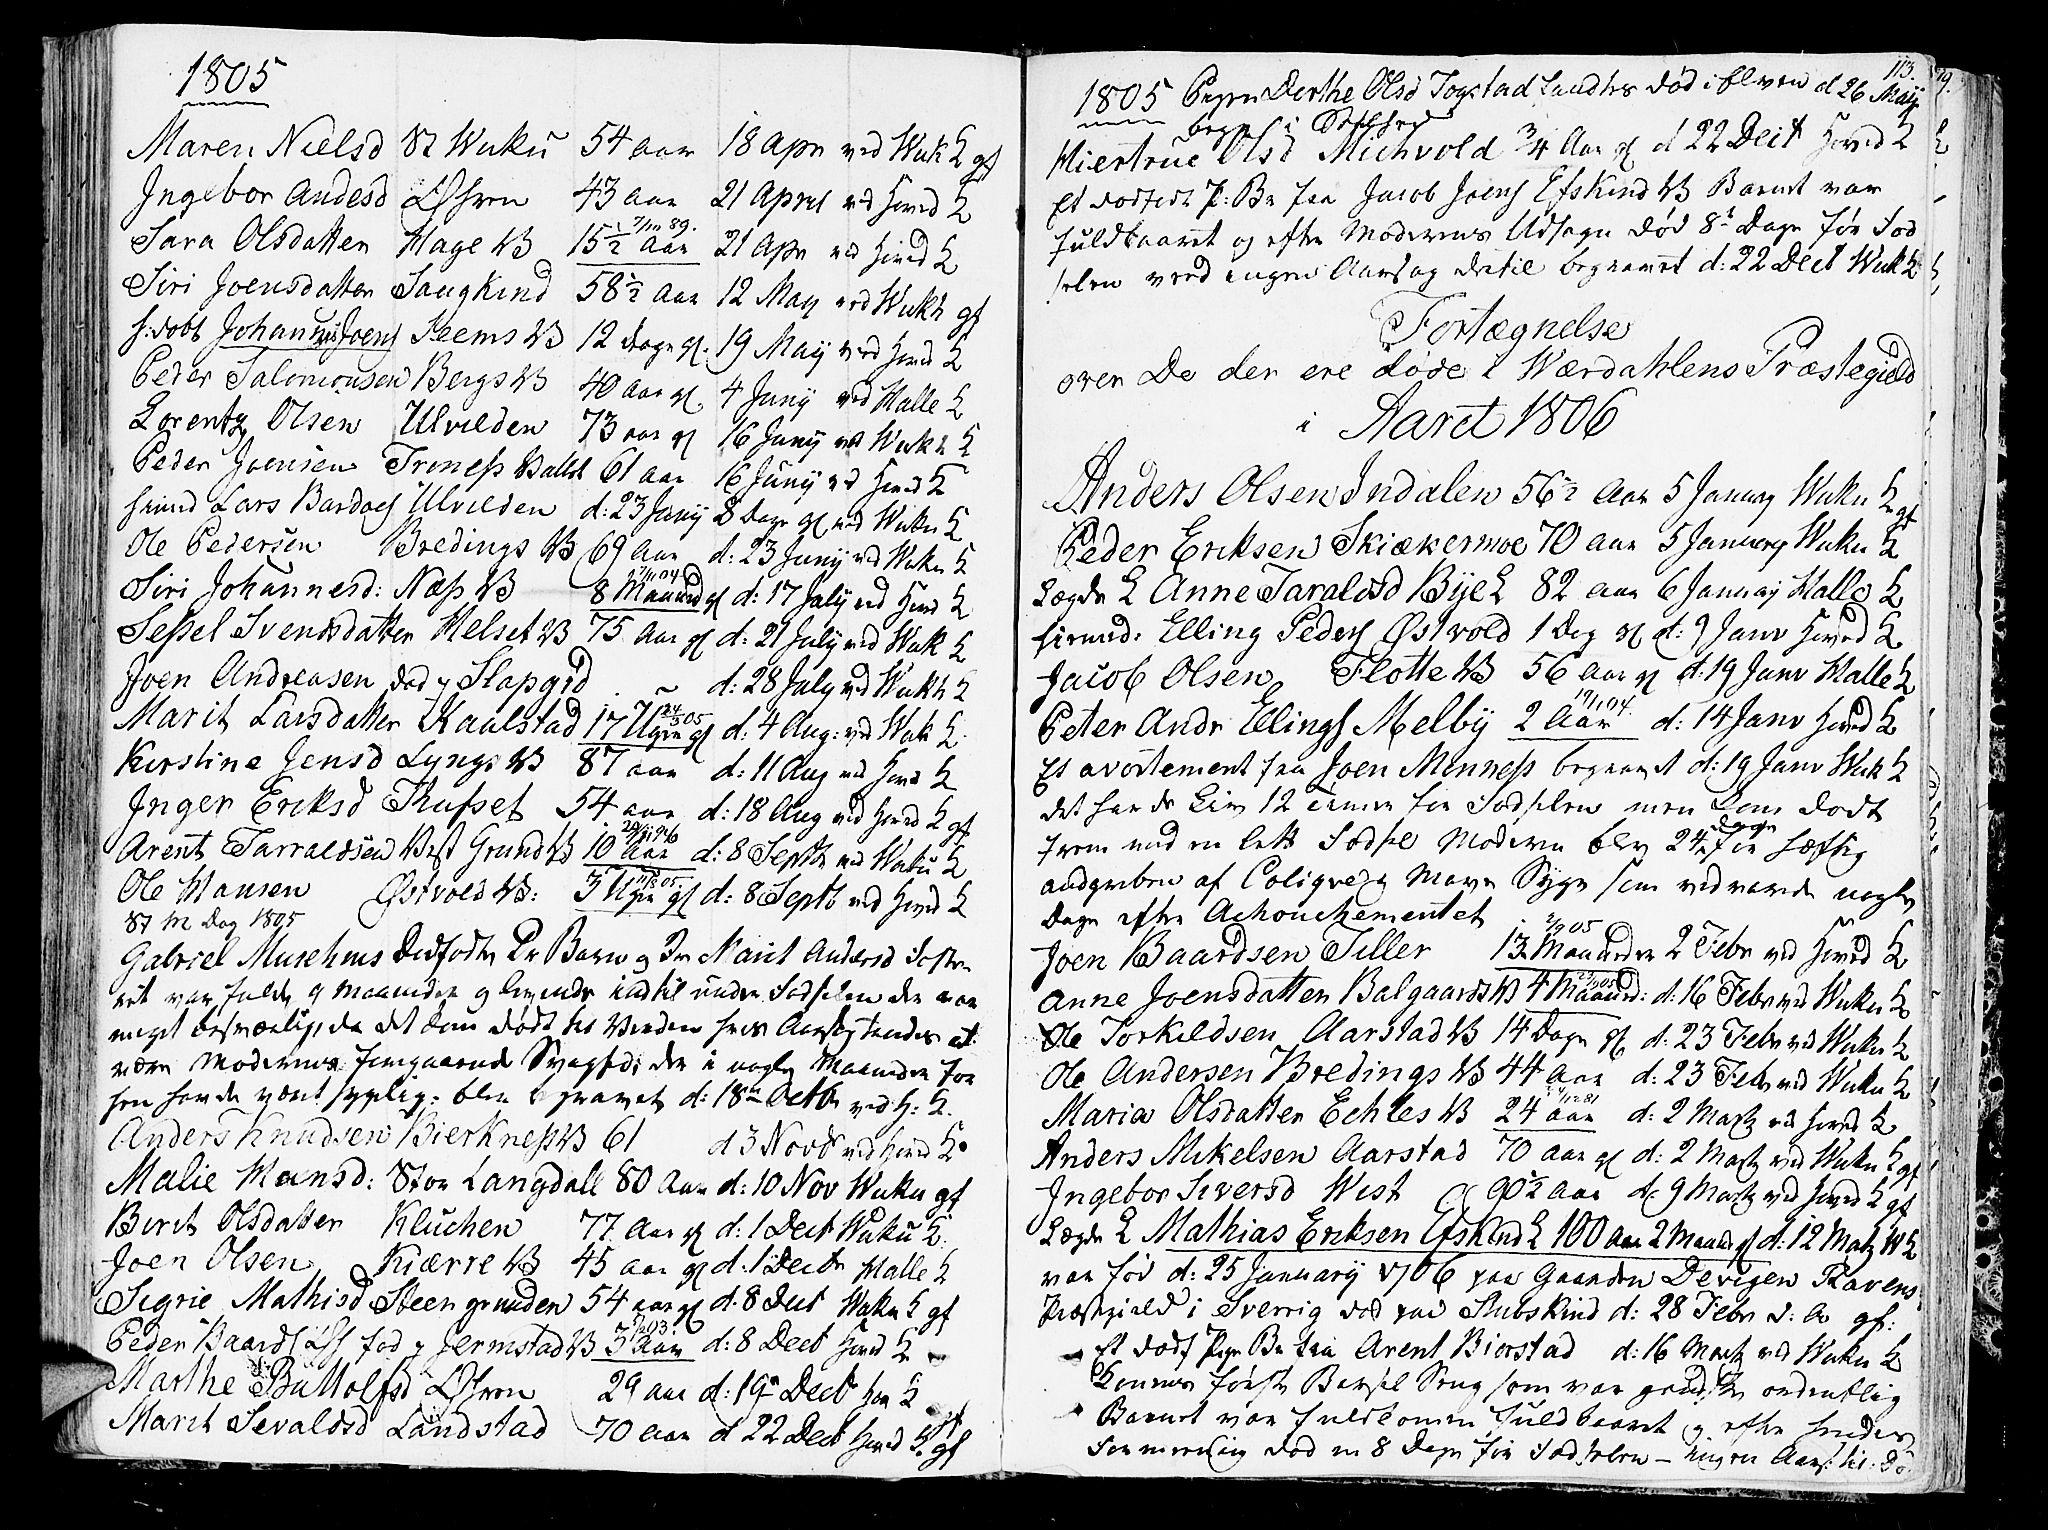 SAT, Ministerialprotokoller, klokkerbøker og fødselsregistre - Nord-Trøndelag, 723/L0233: Ministerialbok nr. 723A04, 1805-1816, s. 113